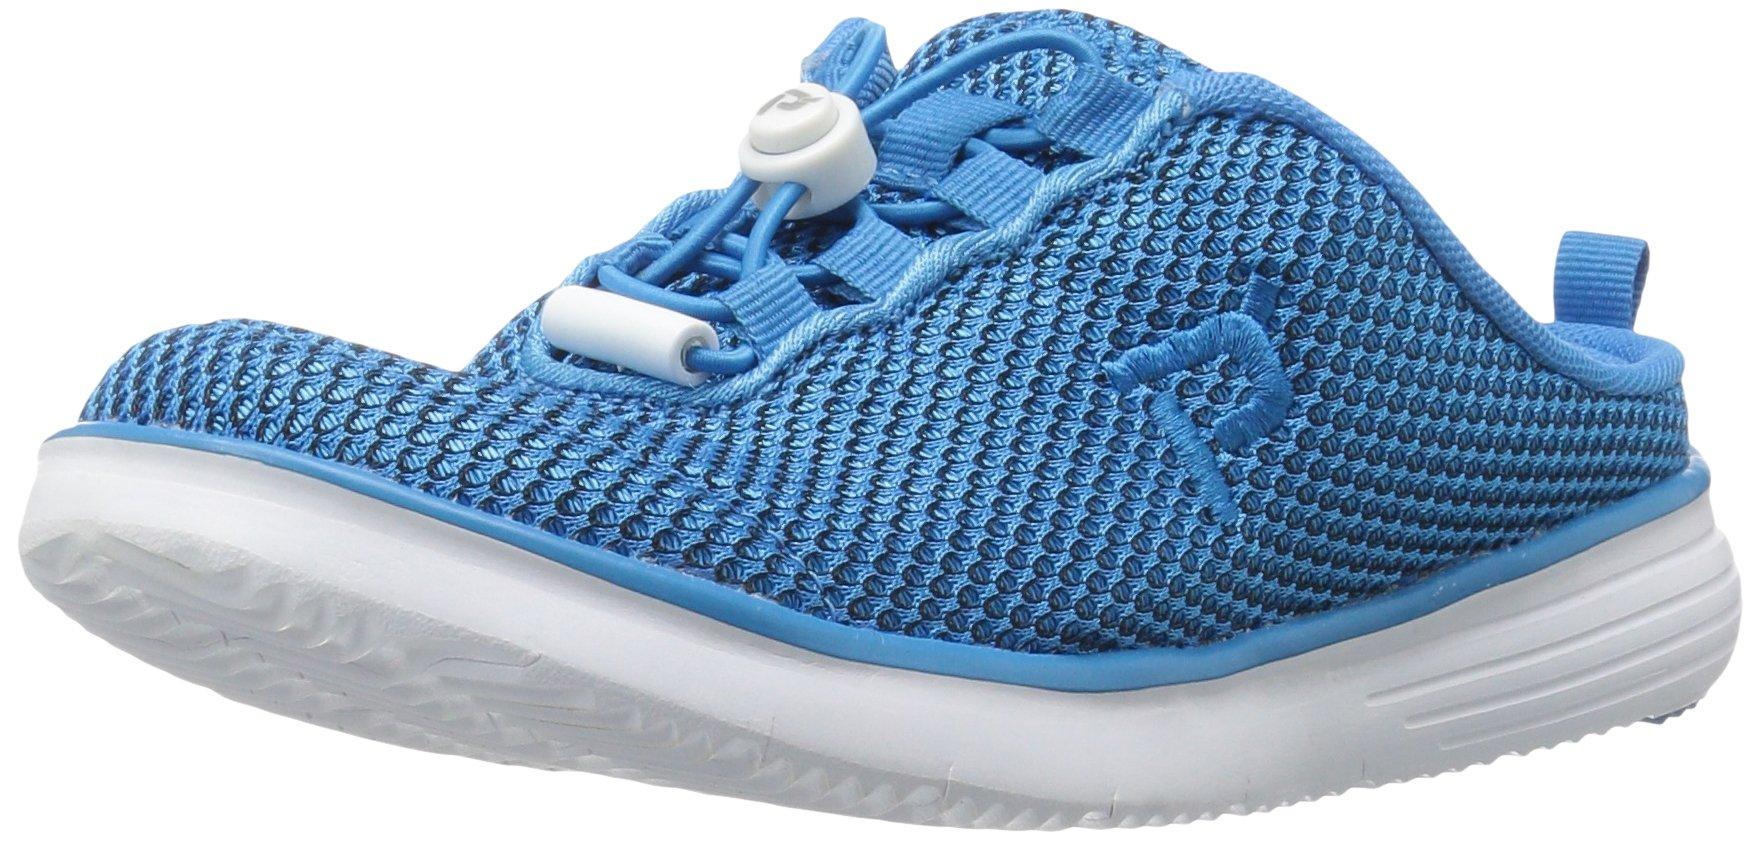 Propet Women's TravelFit Slide Walking Shoe, Blue/Black, 8 W US